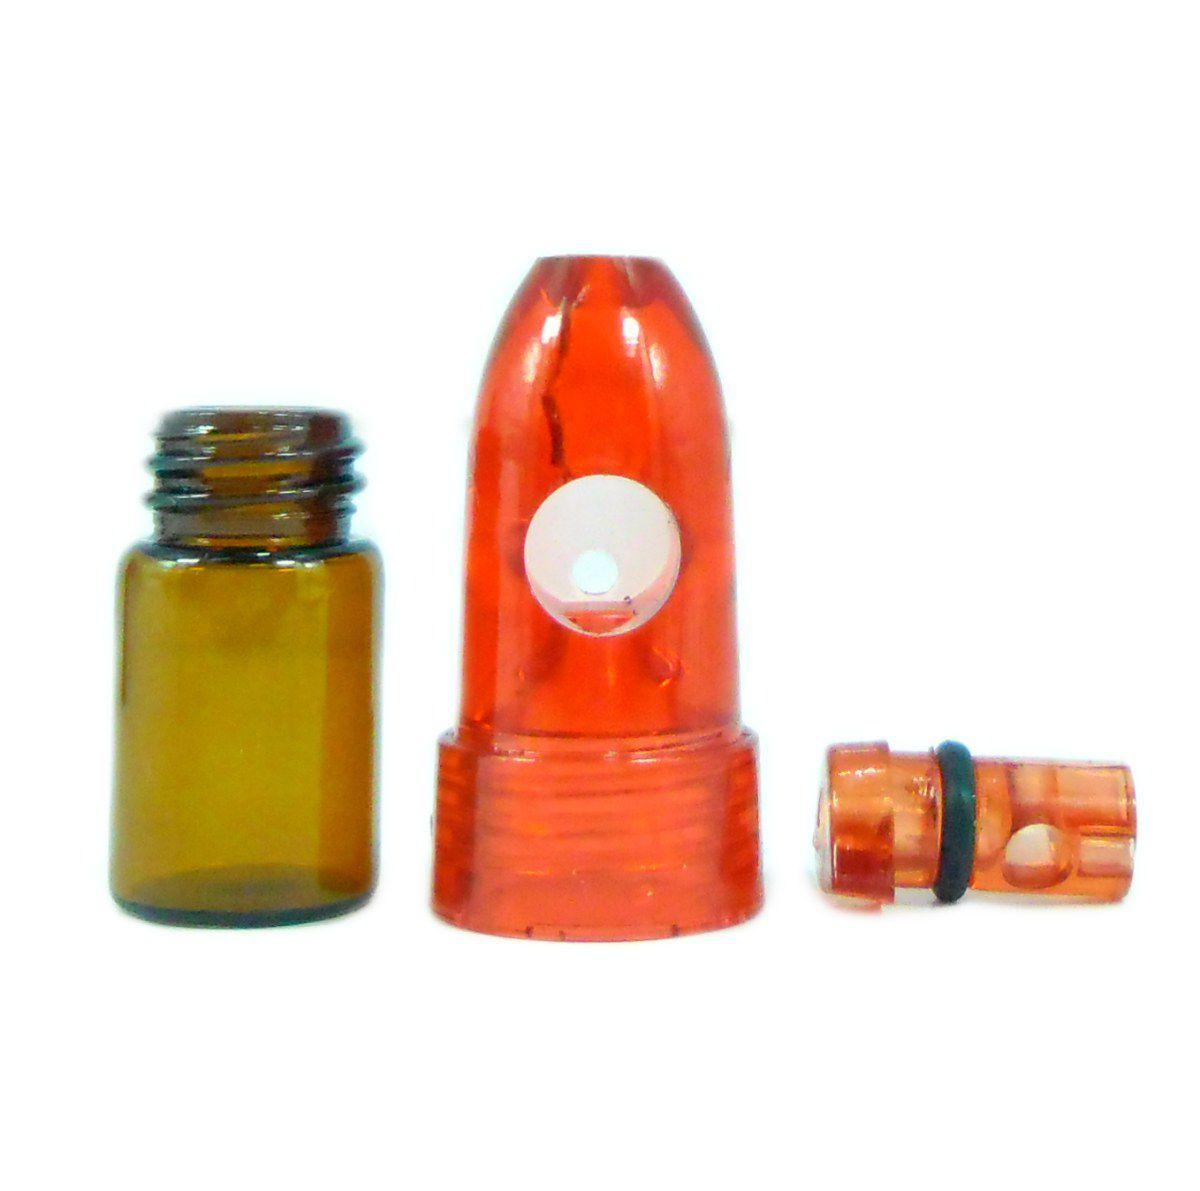 Dosador Snuff Bullet, inalador para rapé. Em ACRÍLICO E VIDRO. 5,0cm de altura.